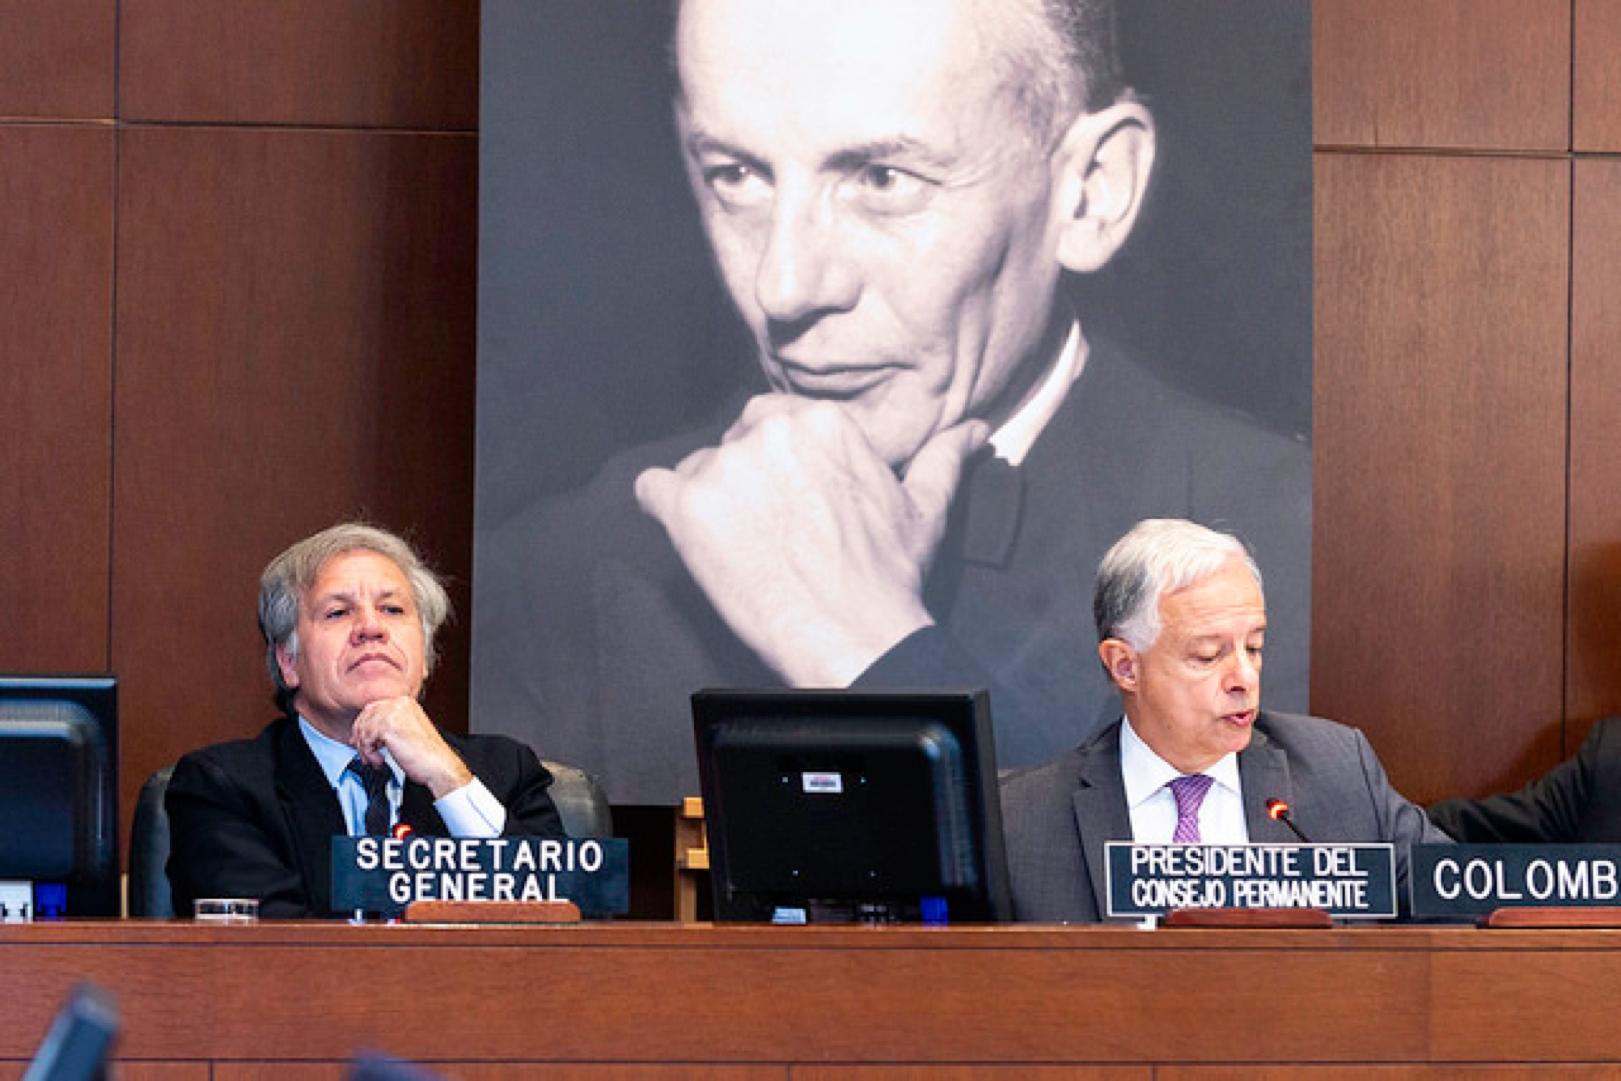 De izquierda a derecha: Luis Almagro, Secretario General de la Organización de Estados Americanos; Andrés González Díaz, Presidente del Consejo Permanente de la Organización de Estados Americanos en Sesión Extraordinaria del Consejo Permanente. Washington, D.C., abril 30 de 2018. Foto: OEA